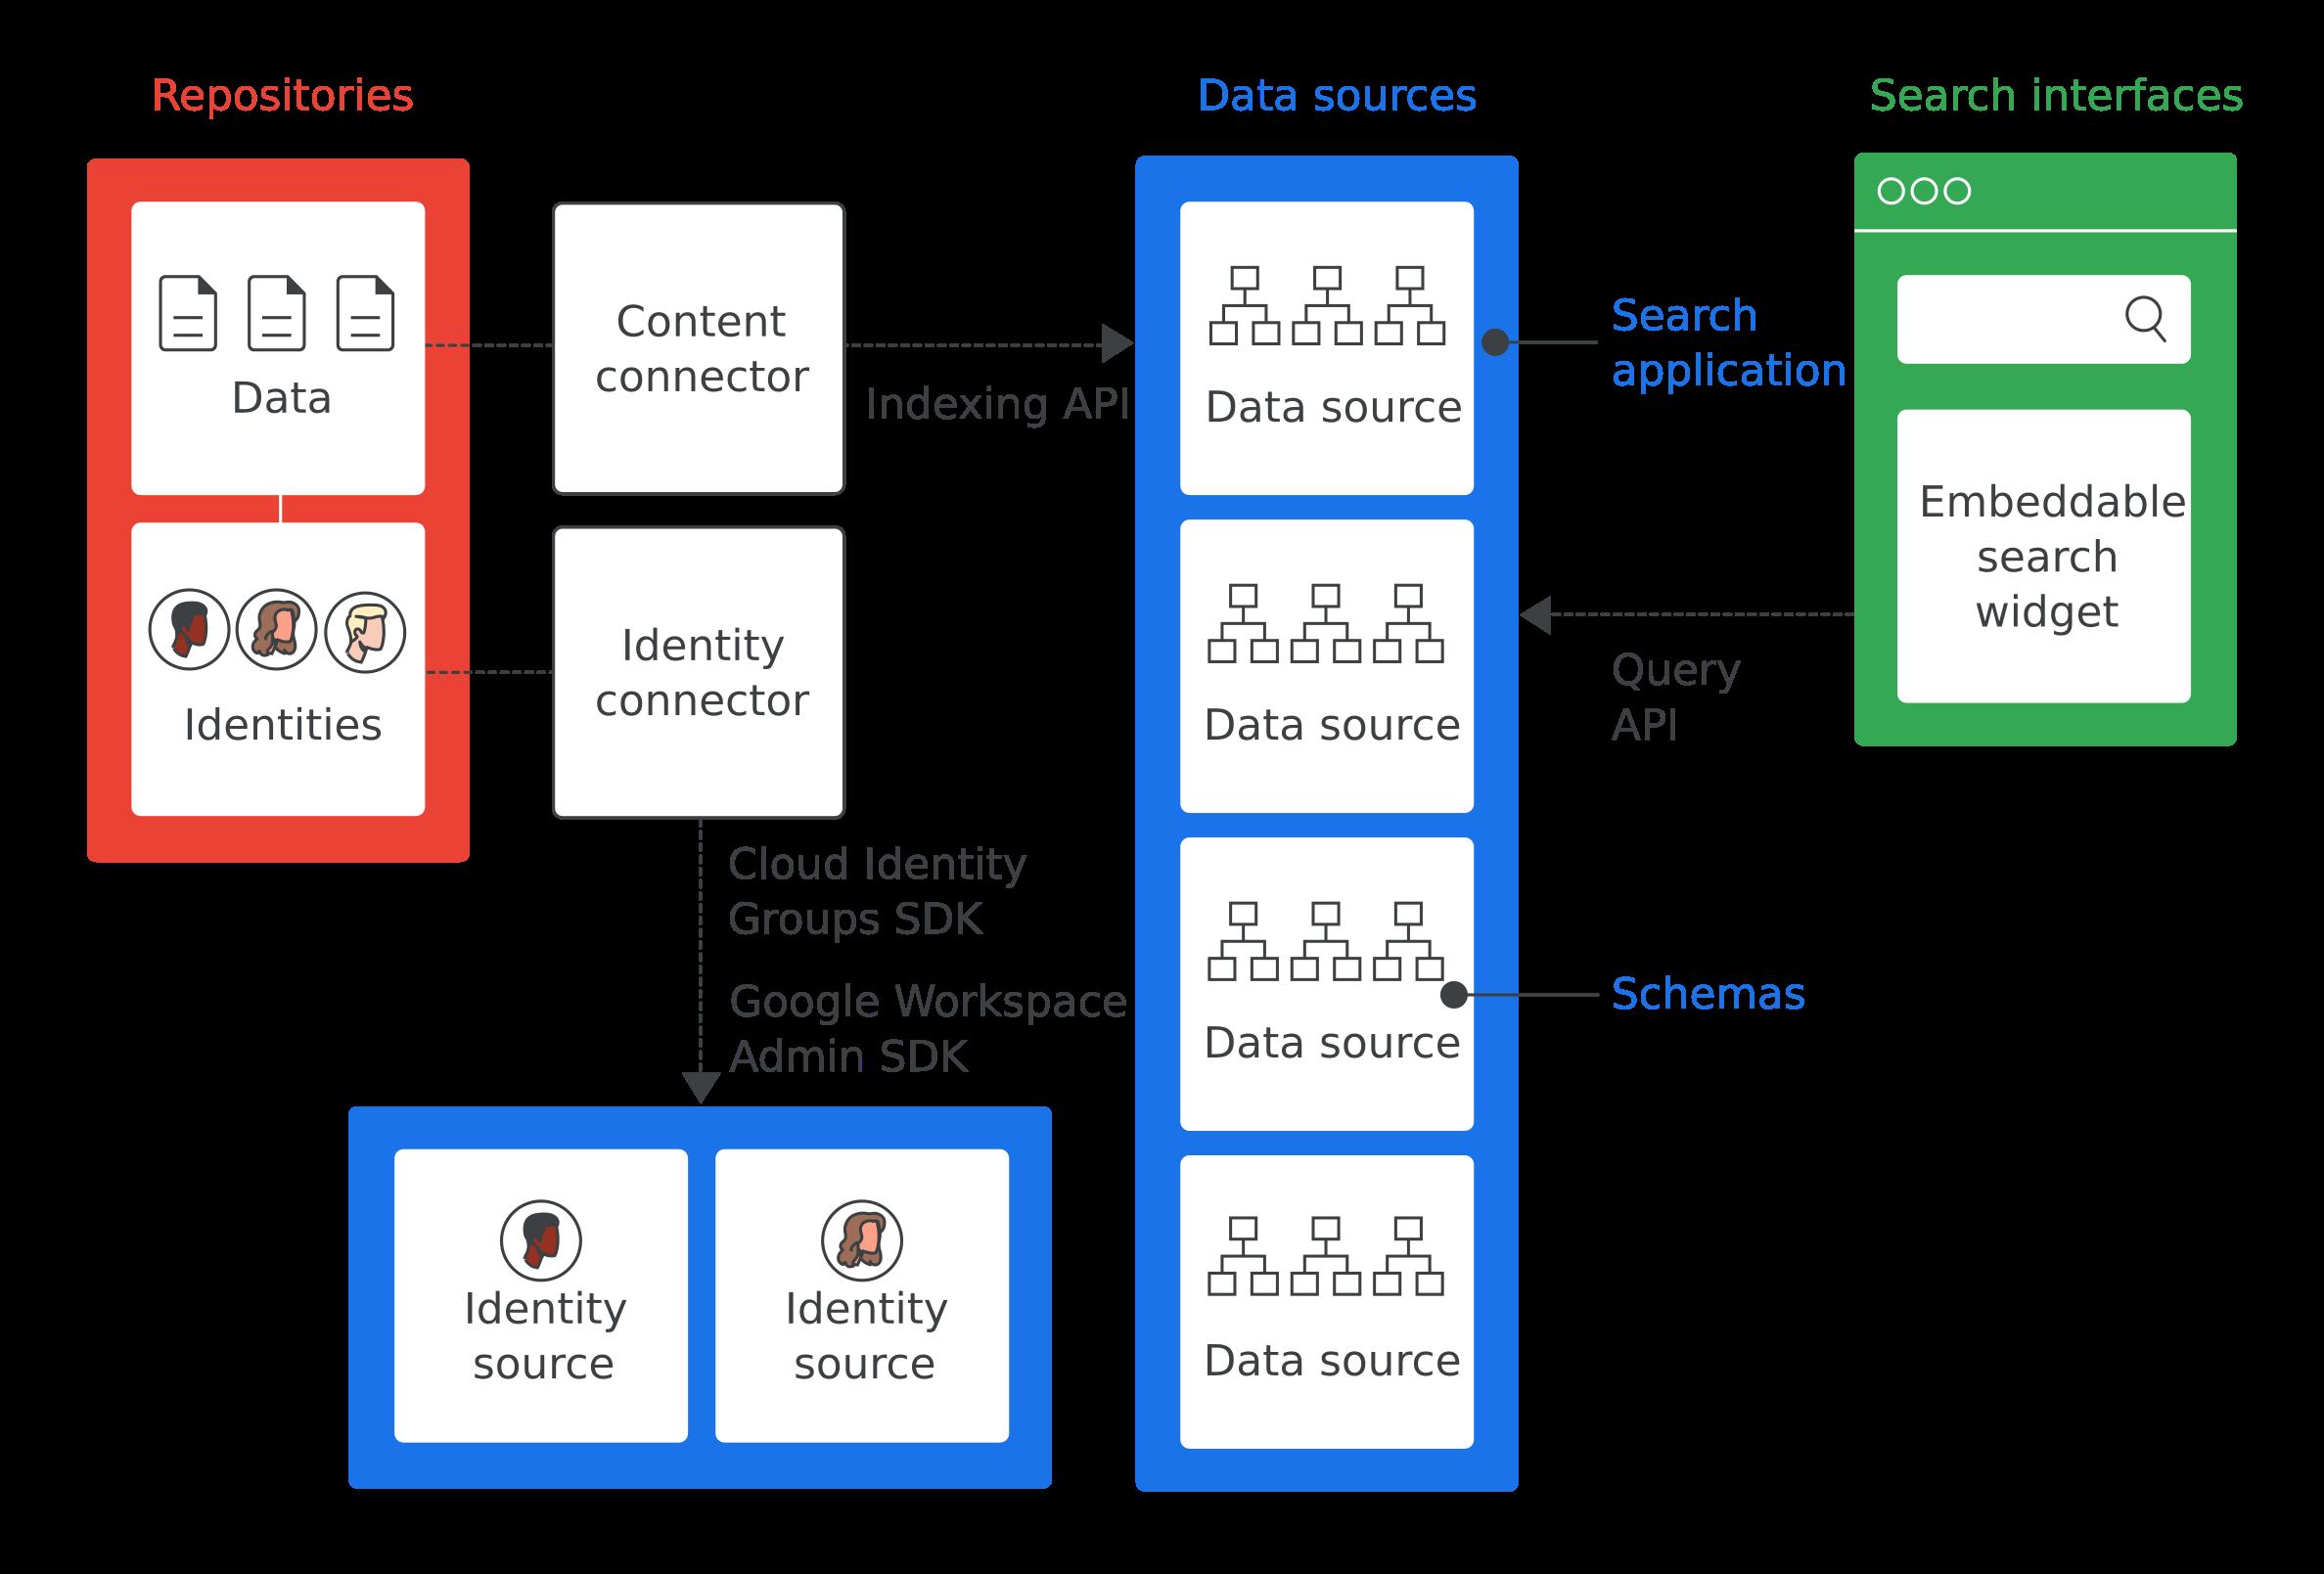 Présentation de l'architecture de Google CloudSearch